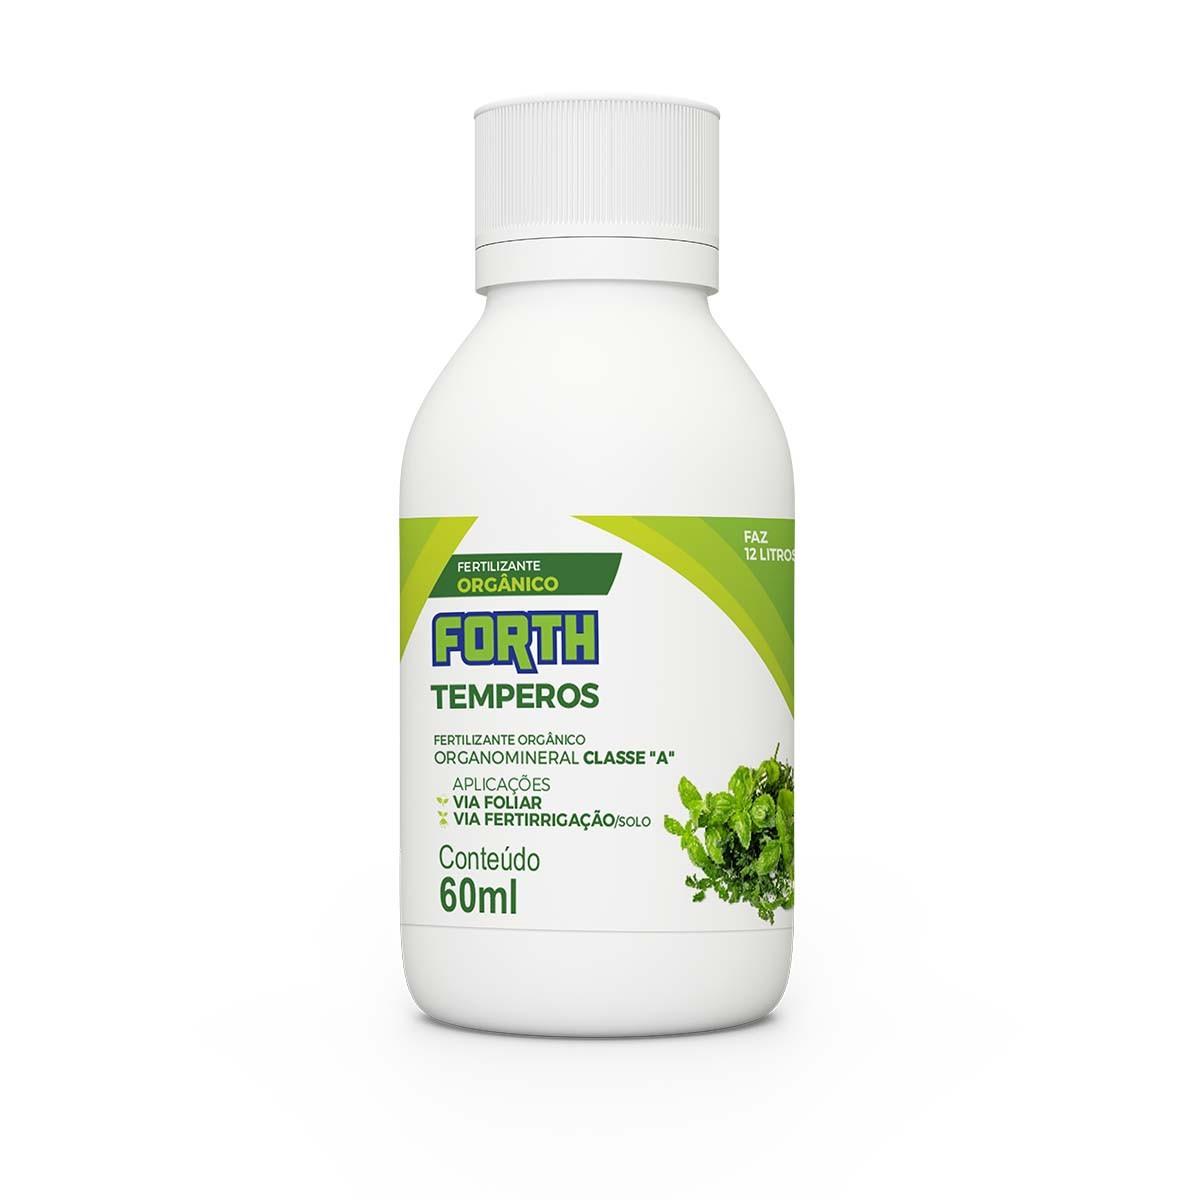 Fertilizante Forth Temperos 60ml